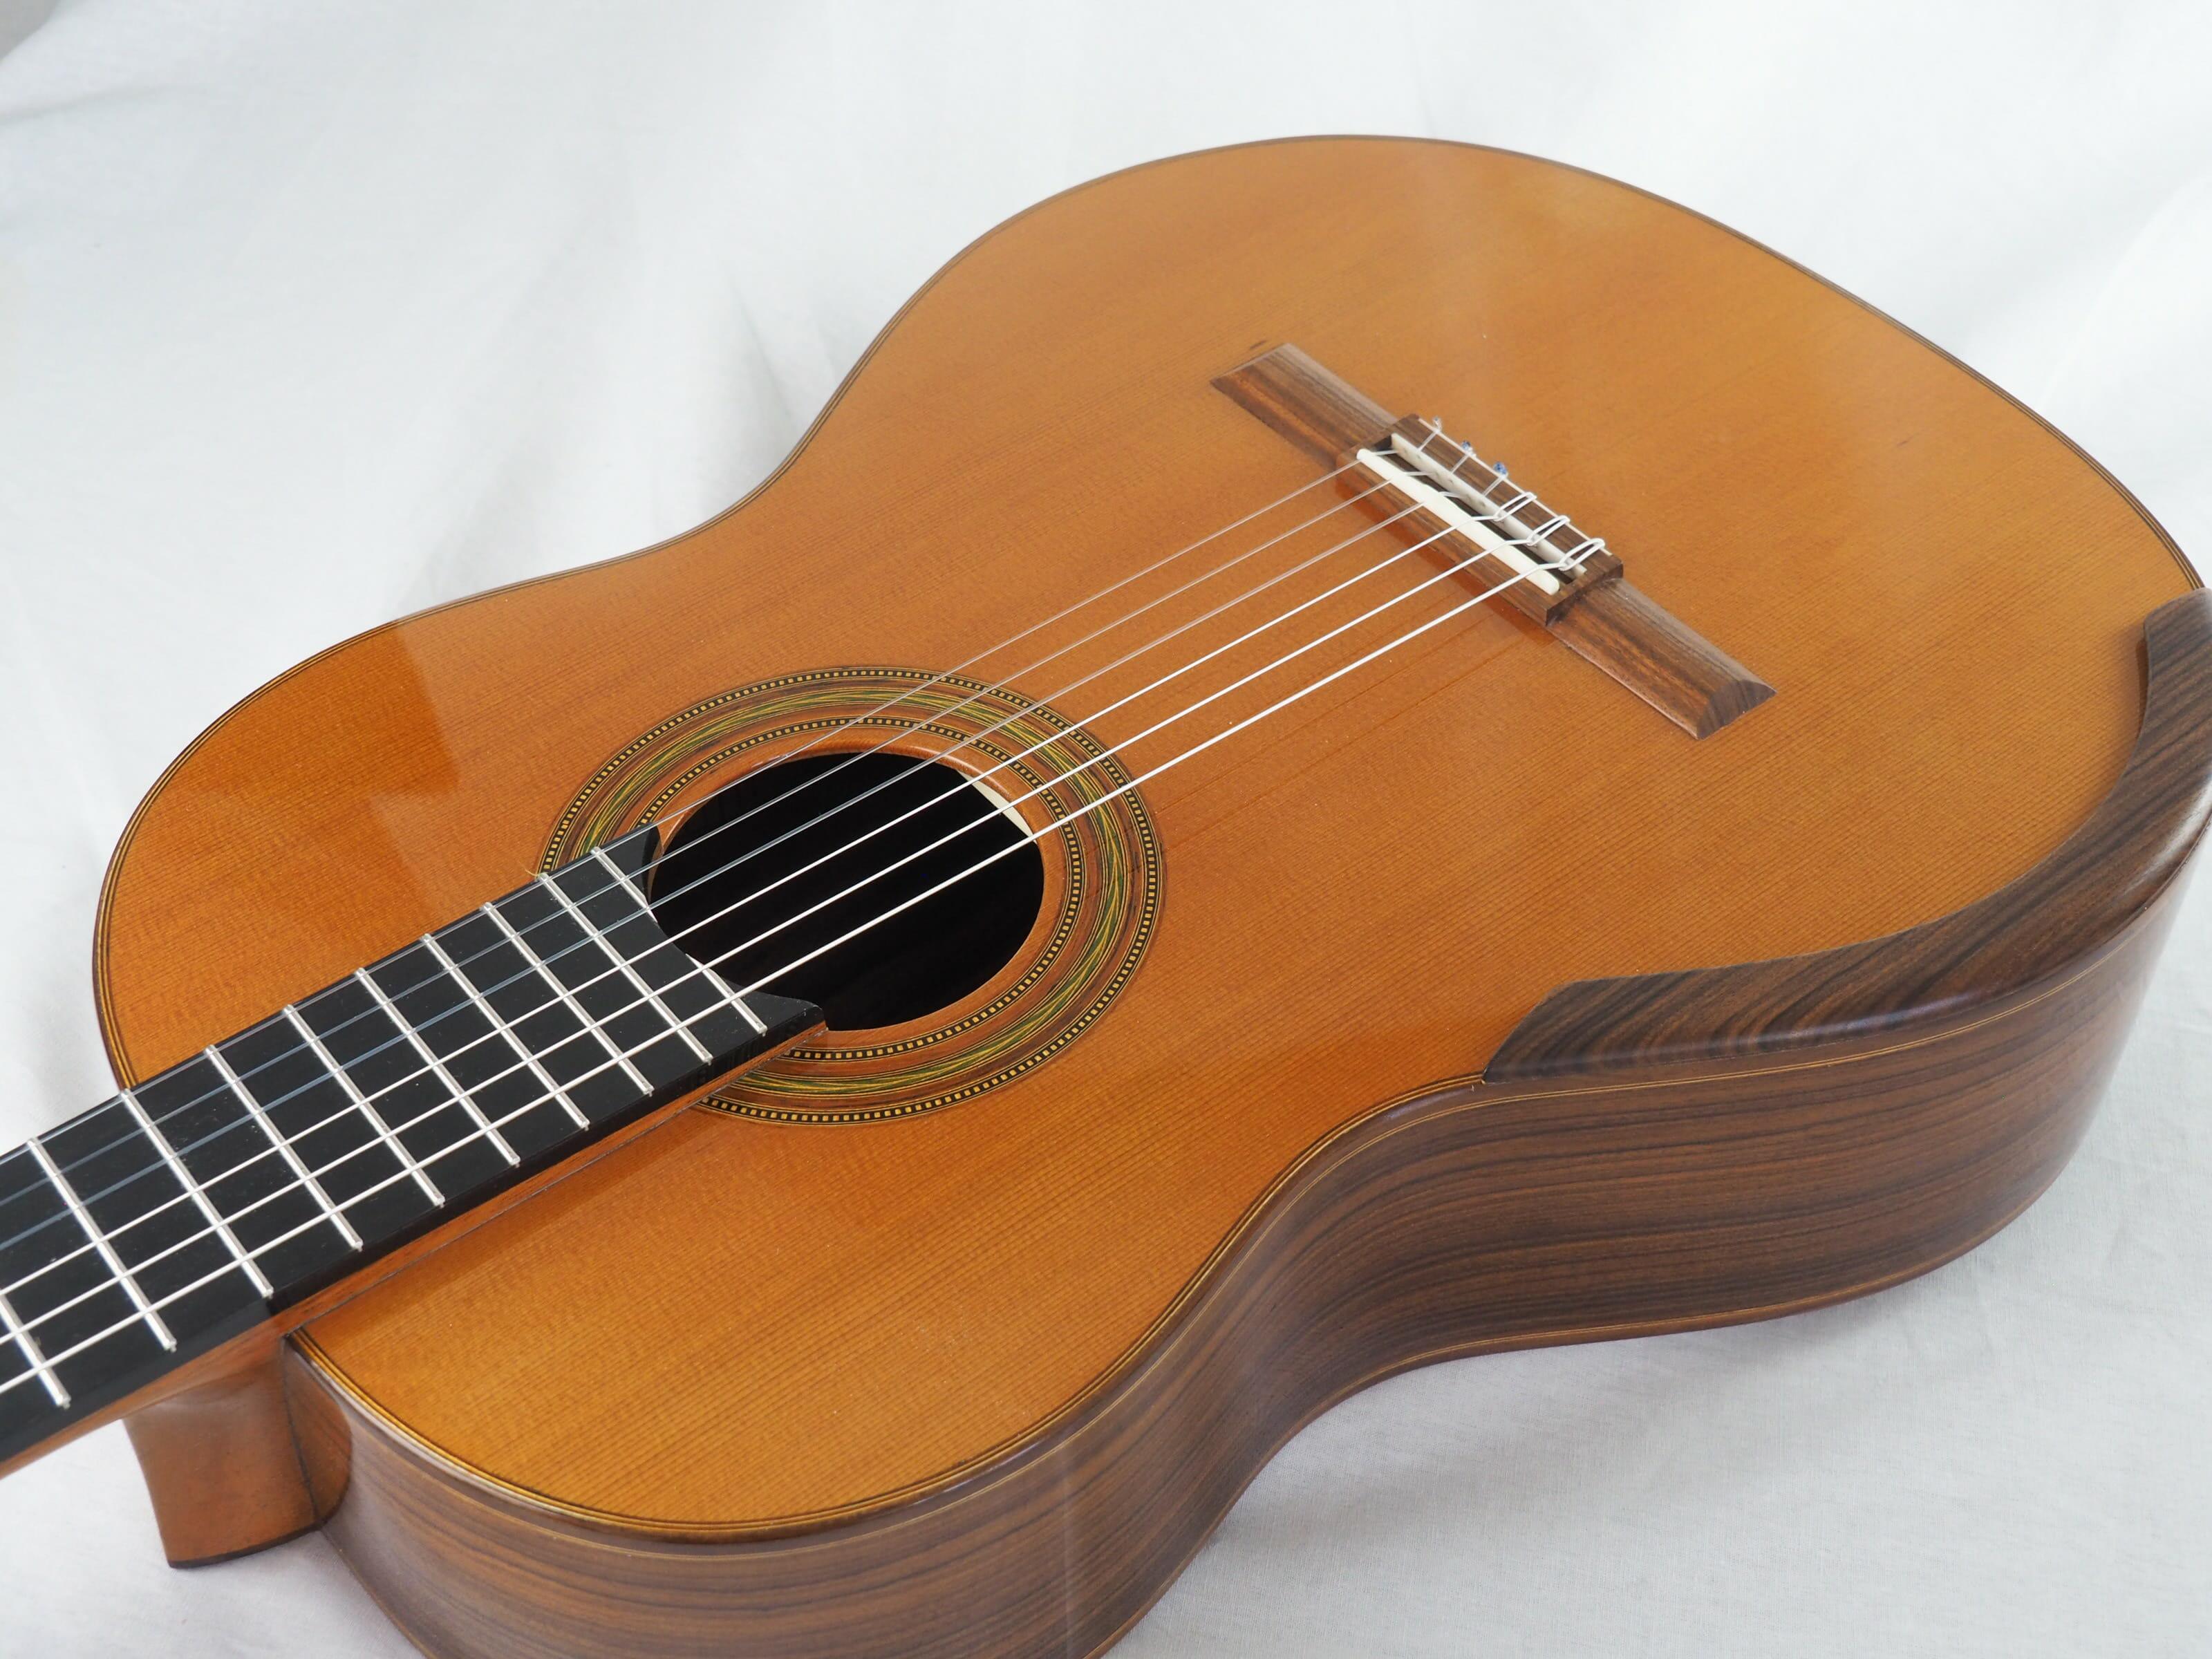 Stanislaw Partyka luthier guitare classique 2019 19PAR019-02